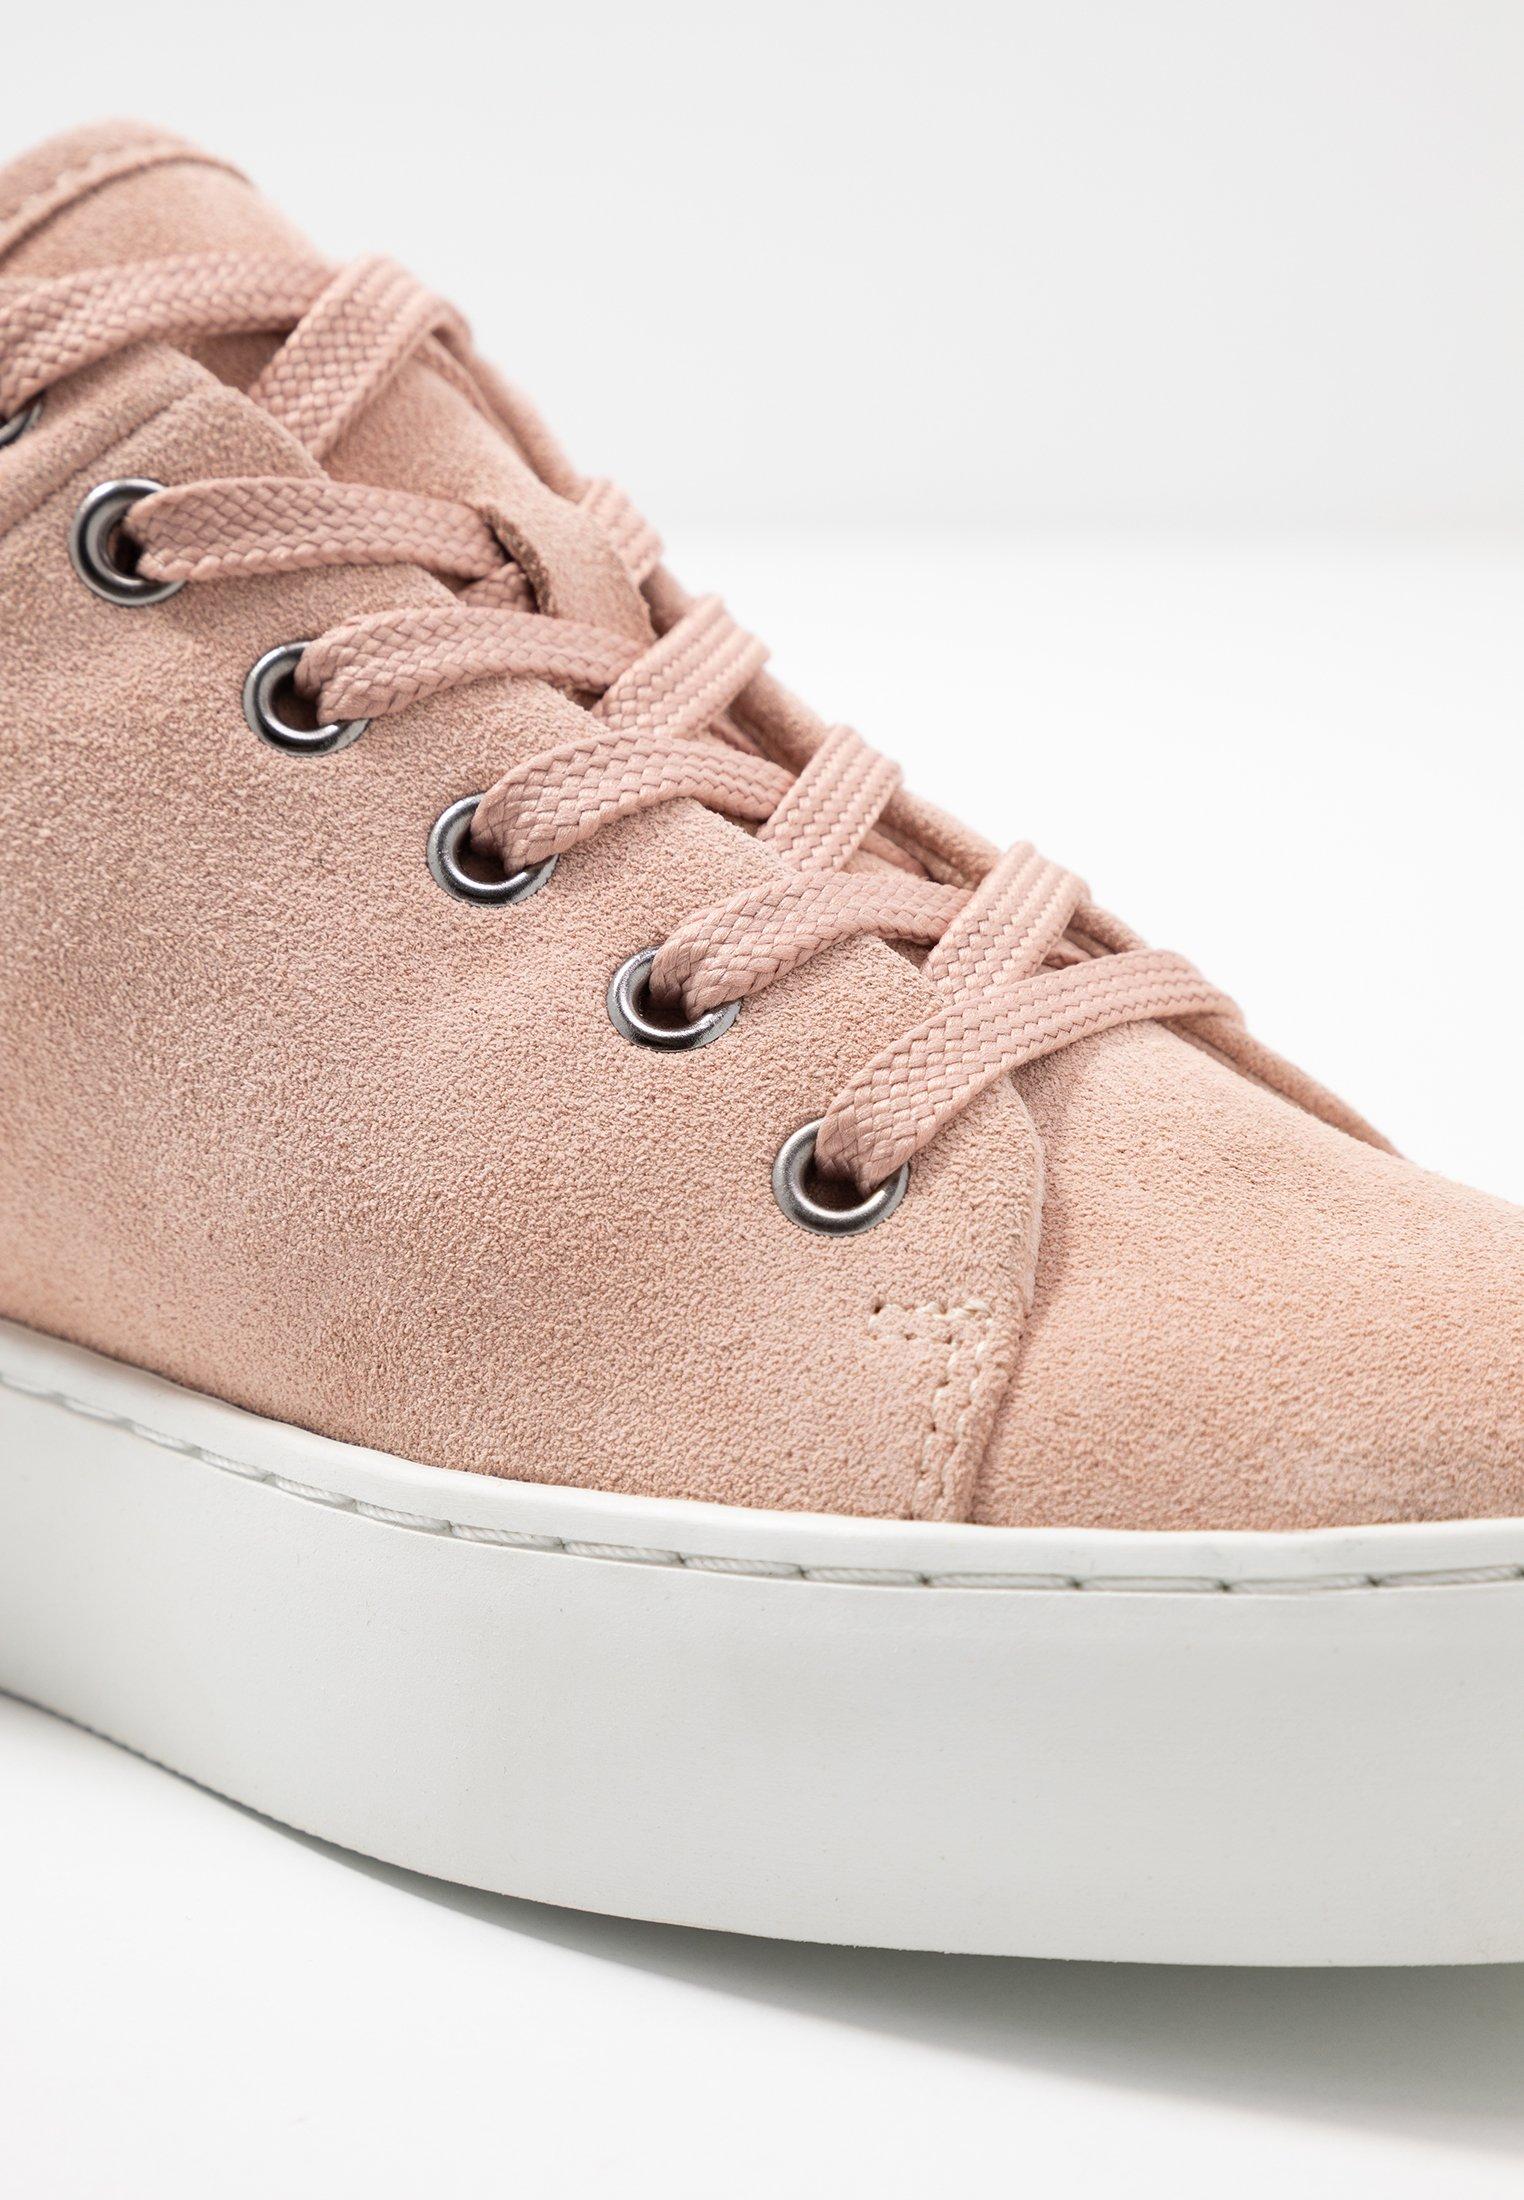 Zign Sneakers Basse Basse Nude Zign Zign Nude Zign Sneakers Basse Sneakers Nude Sneakers xeordCB